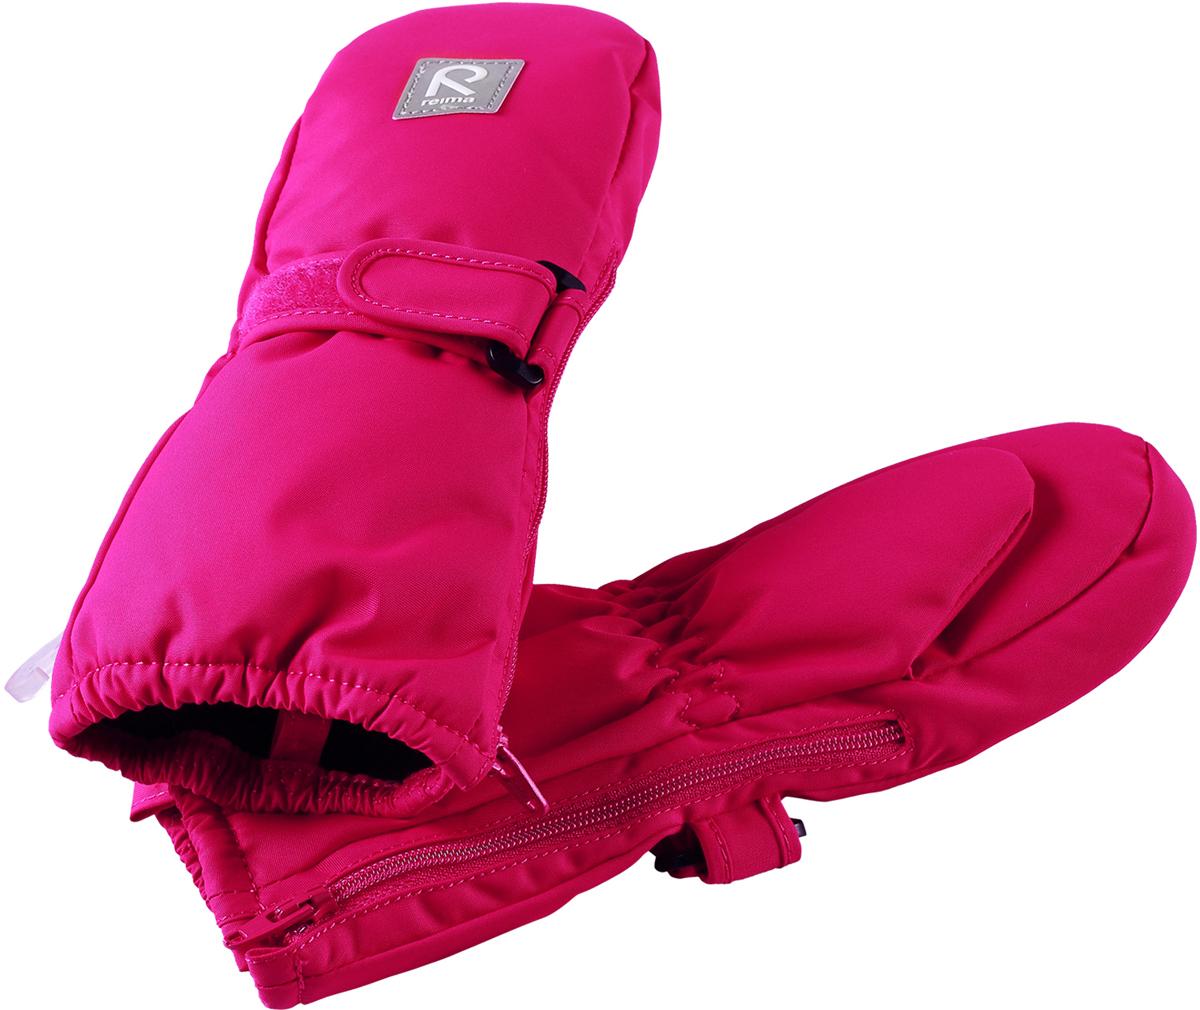 Варежки детские Reima Tassu, цвет: розовый. 5171613560. Размер 25171613560Эти мягкие и удобные утепленные варежки для малышей пользуются неизменным успехом. Зимние варежки изготовлены из водо- и ветронепроницаемого, дышащего материала с водо- и грязеотталкивающей поверхностью. В этих варежках нет водонепроницаемой мембраны, поэтому они могут промокать. Утепленная модель отлично подойдет для сухой морозной зимней поры, а для дополнительного утепления и комфорта в сильную стужу рекомендуется поддевать под них теплые шерстяные варежки. Благодаря молнии, эти варежки легко надеть на ручки, а мягкая трикотажная подкладка из полиэстера очень приятна на ощупь.Средняя степень утепления.